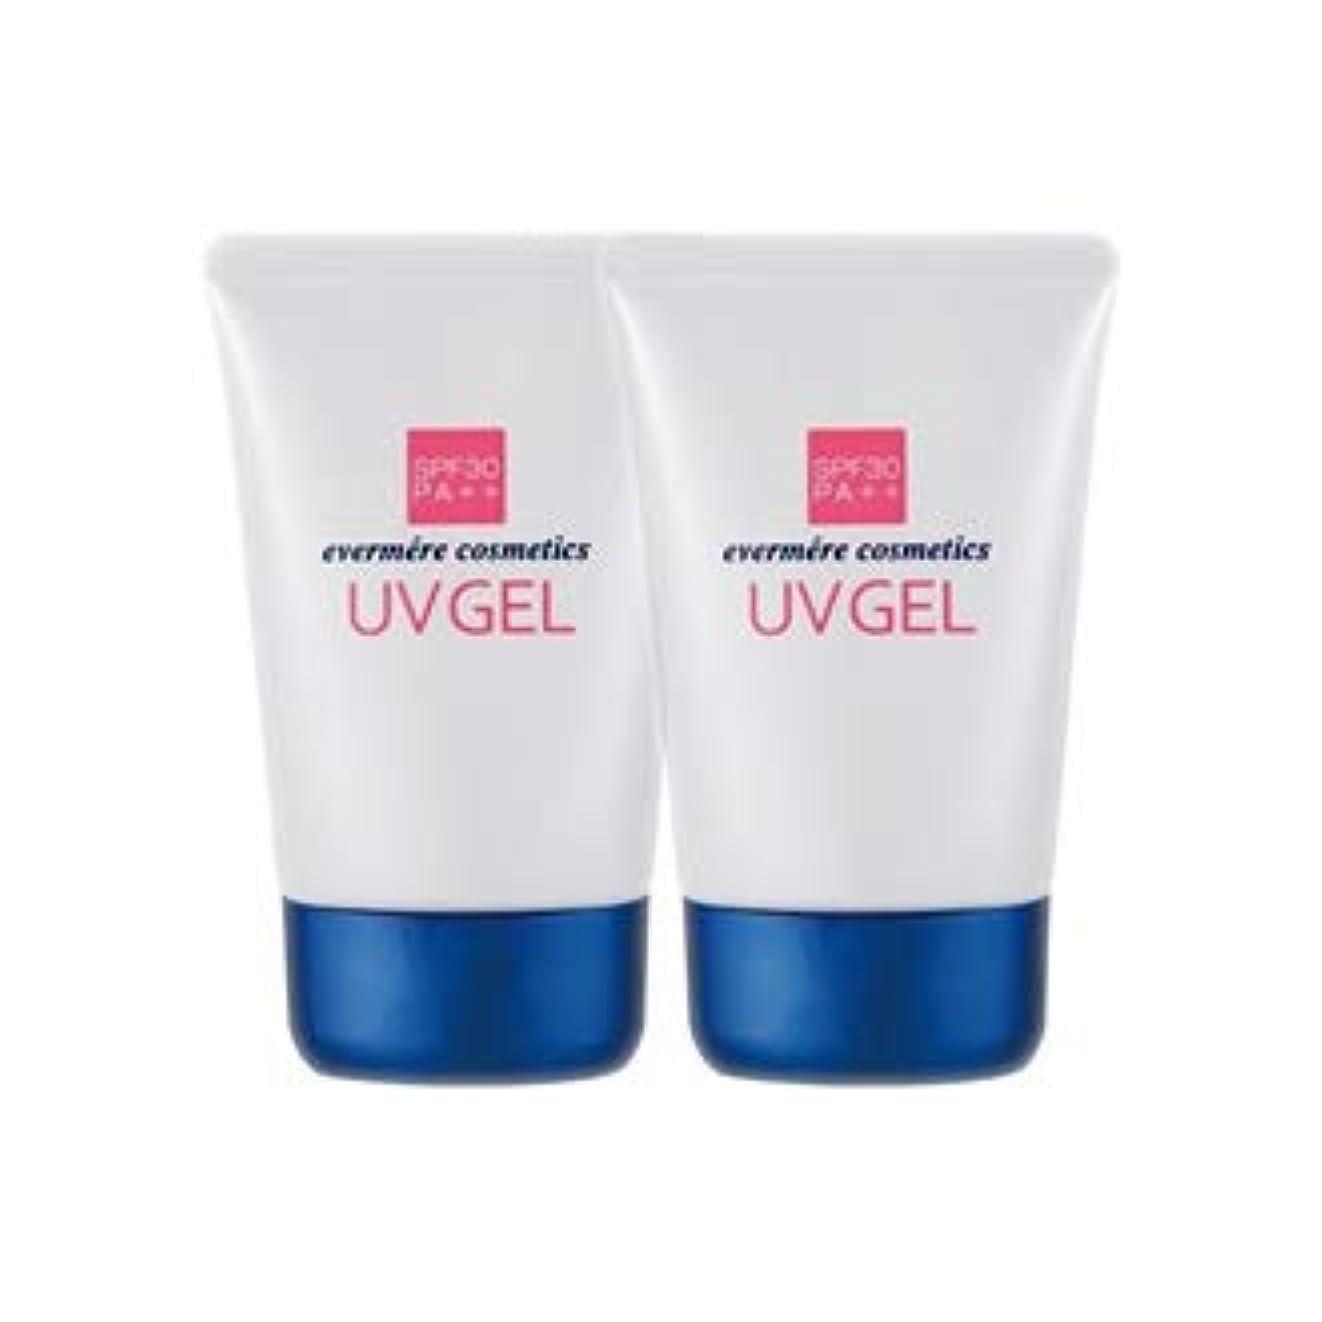 危険を冒します深さ意志に反するエバメール UVゲル (日焼け止め美容ジェル) 80g 2本セット